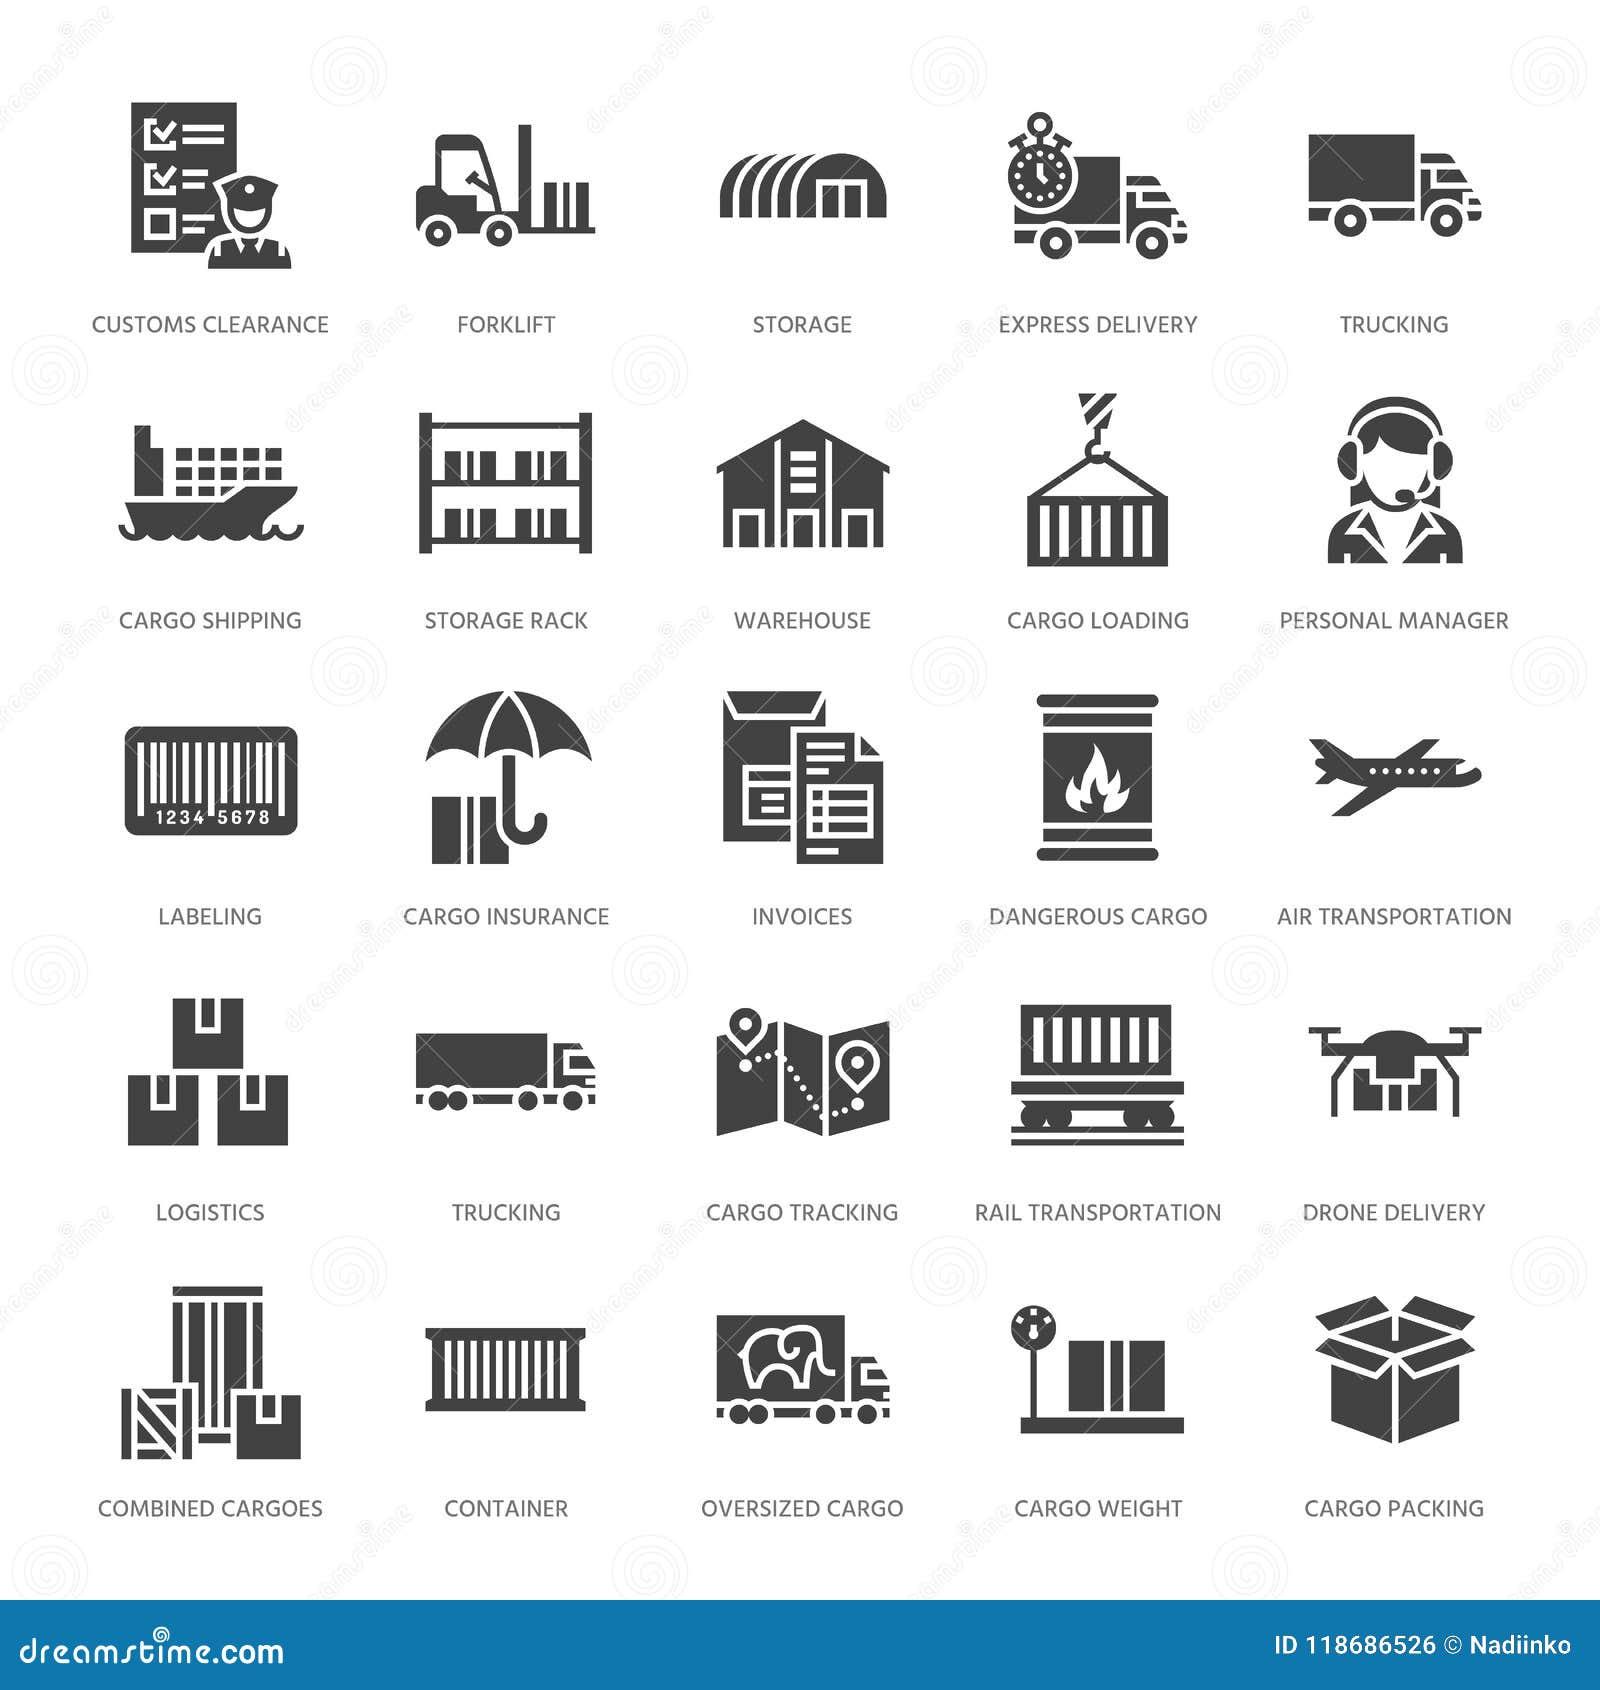 Επίπεδα εικονίδια glyph μεταφορών φορτίου που μεταφέρουν με φορτηγό, σαφής παράδοση, διοικητικές μέριμνες, ναυτιλία, τελωνείο, συ